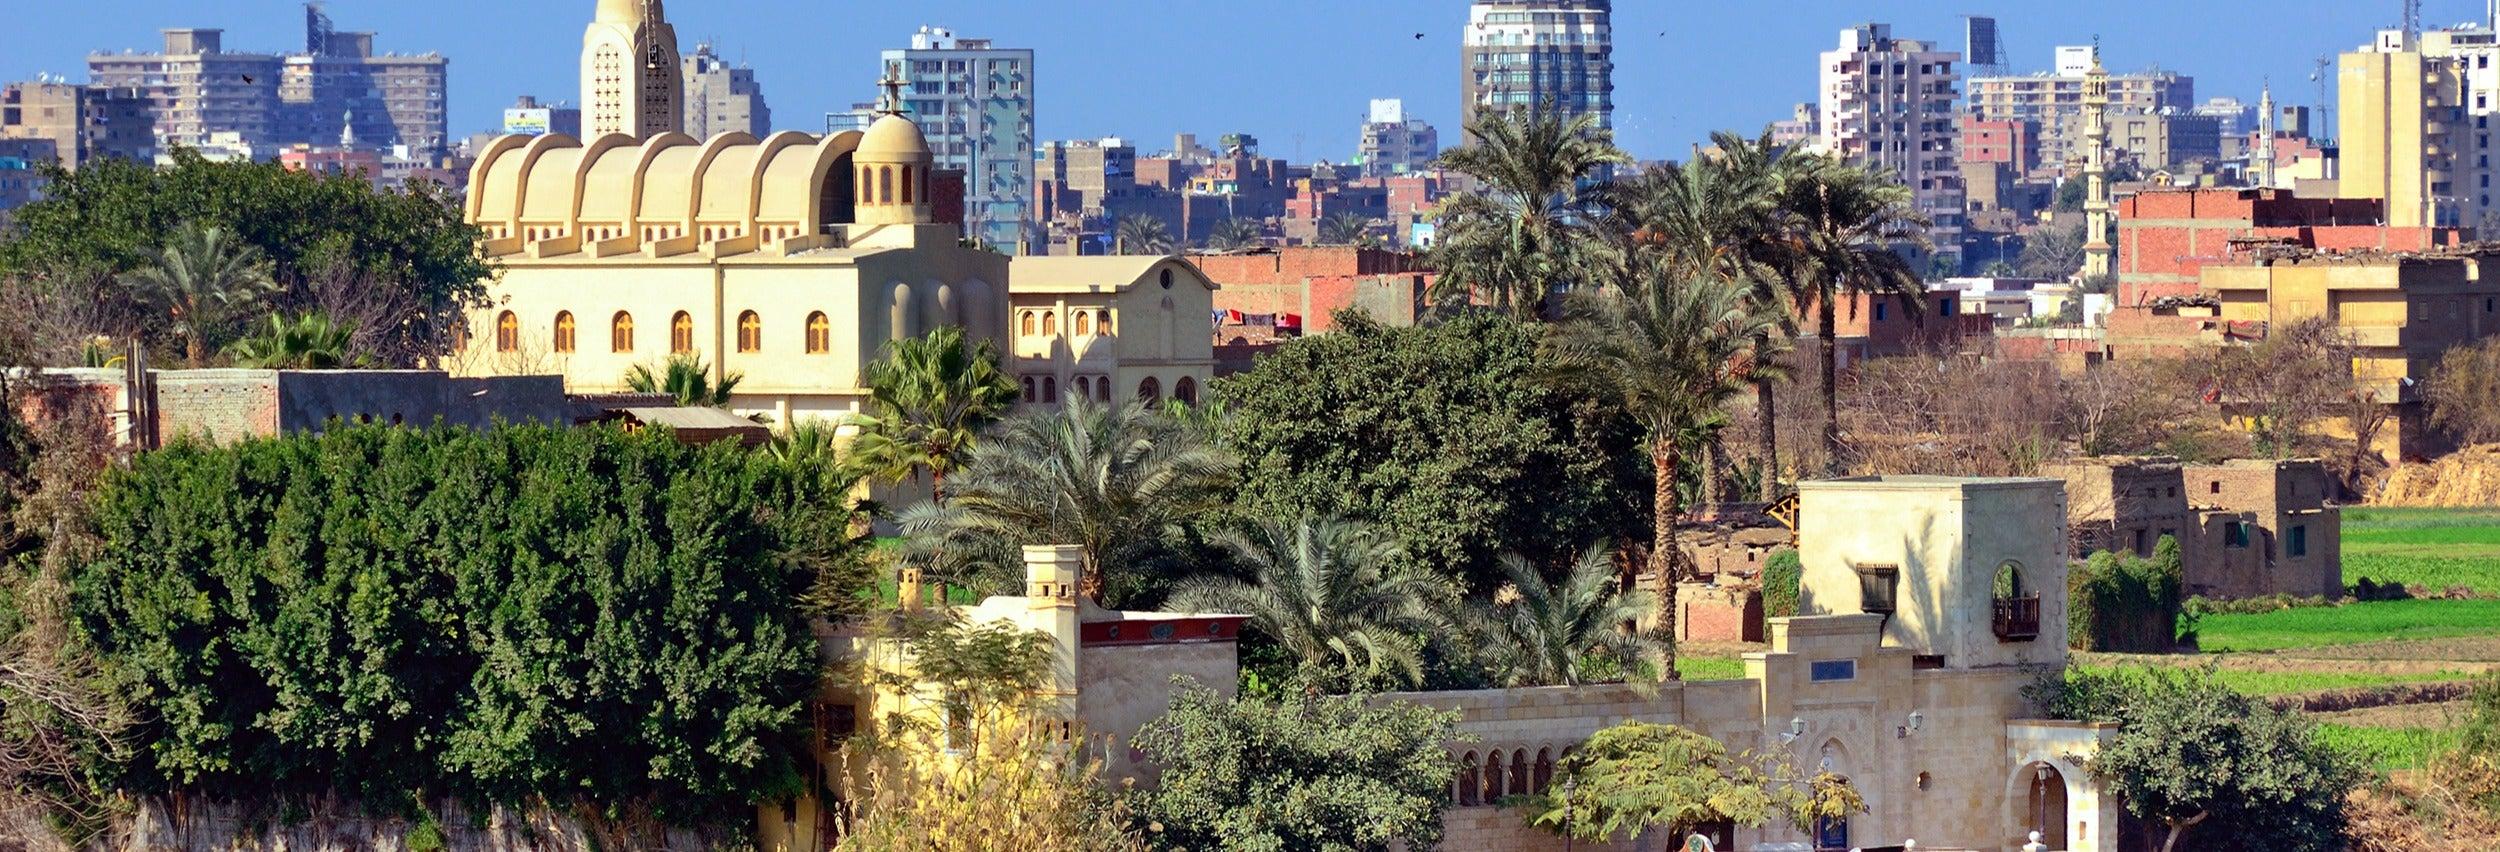 Visita guidata del quartiere copto